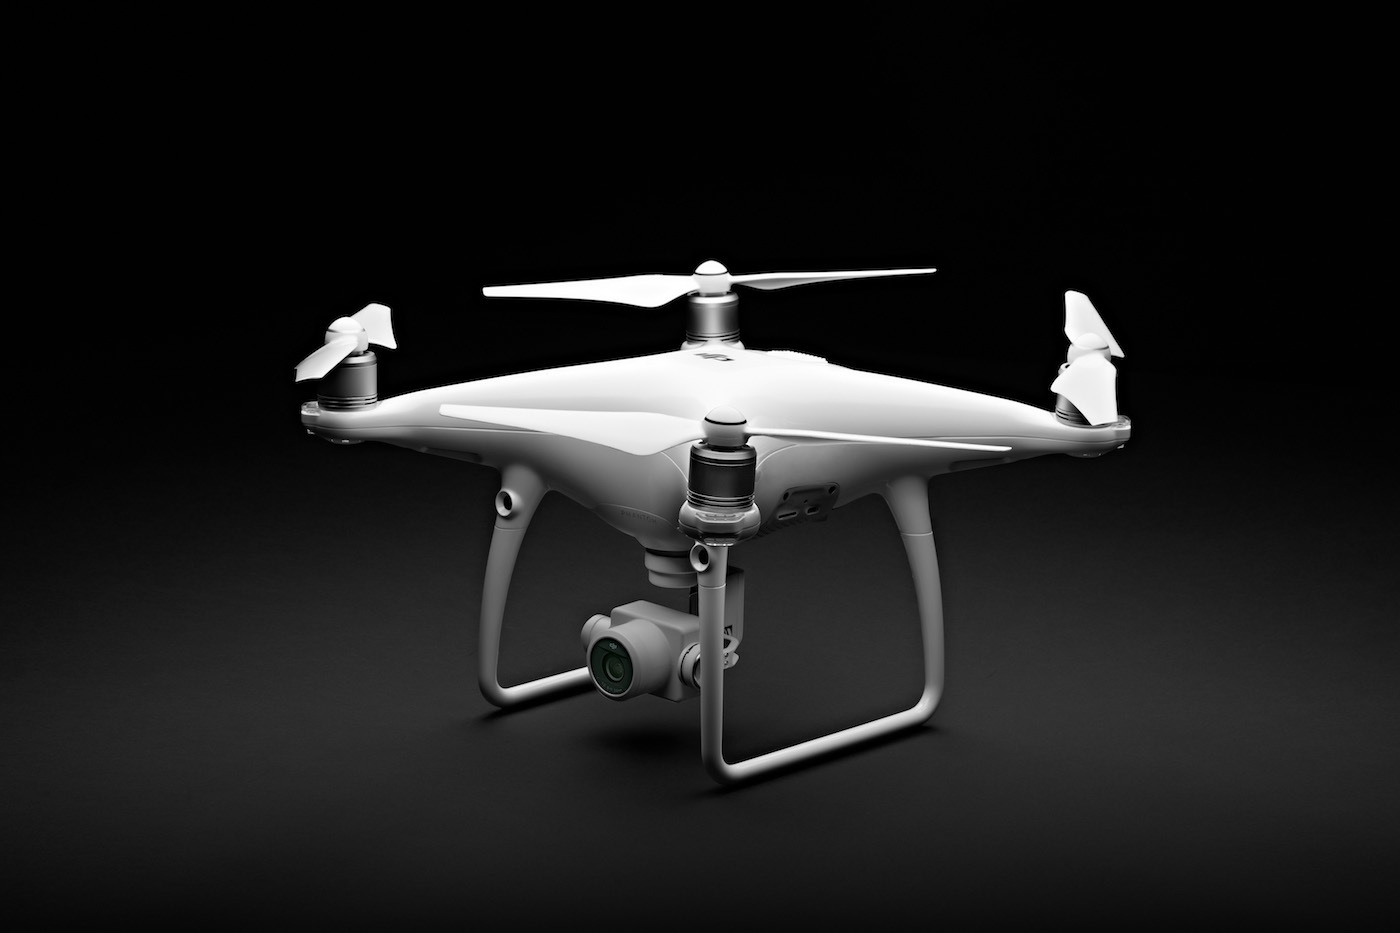 drone, dji, phantom 4 advanced